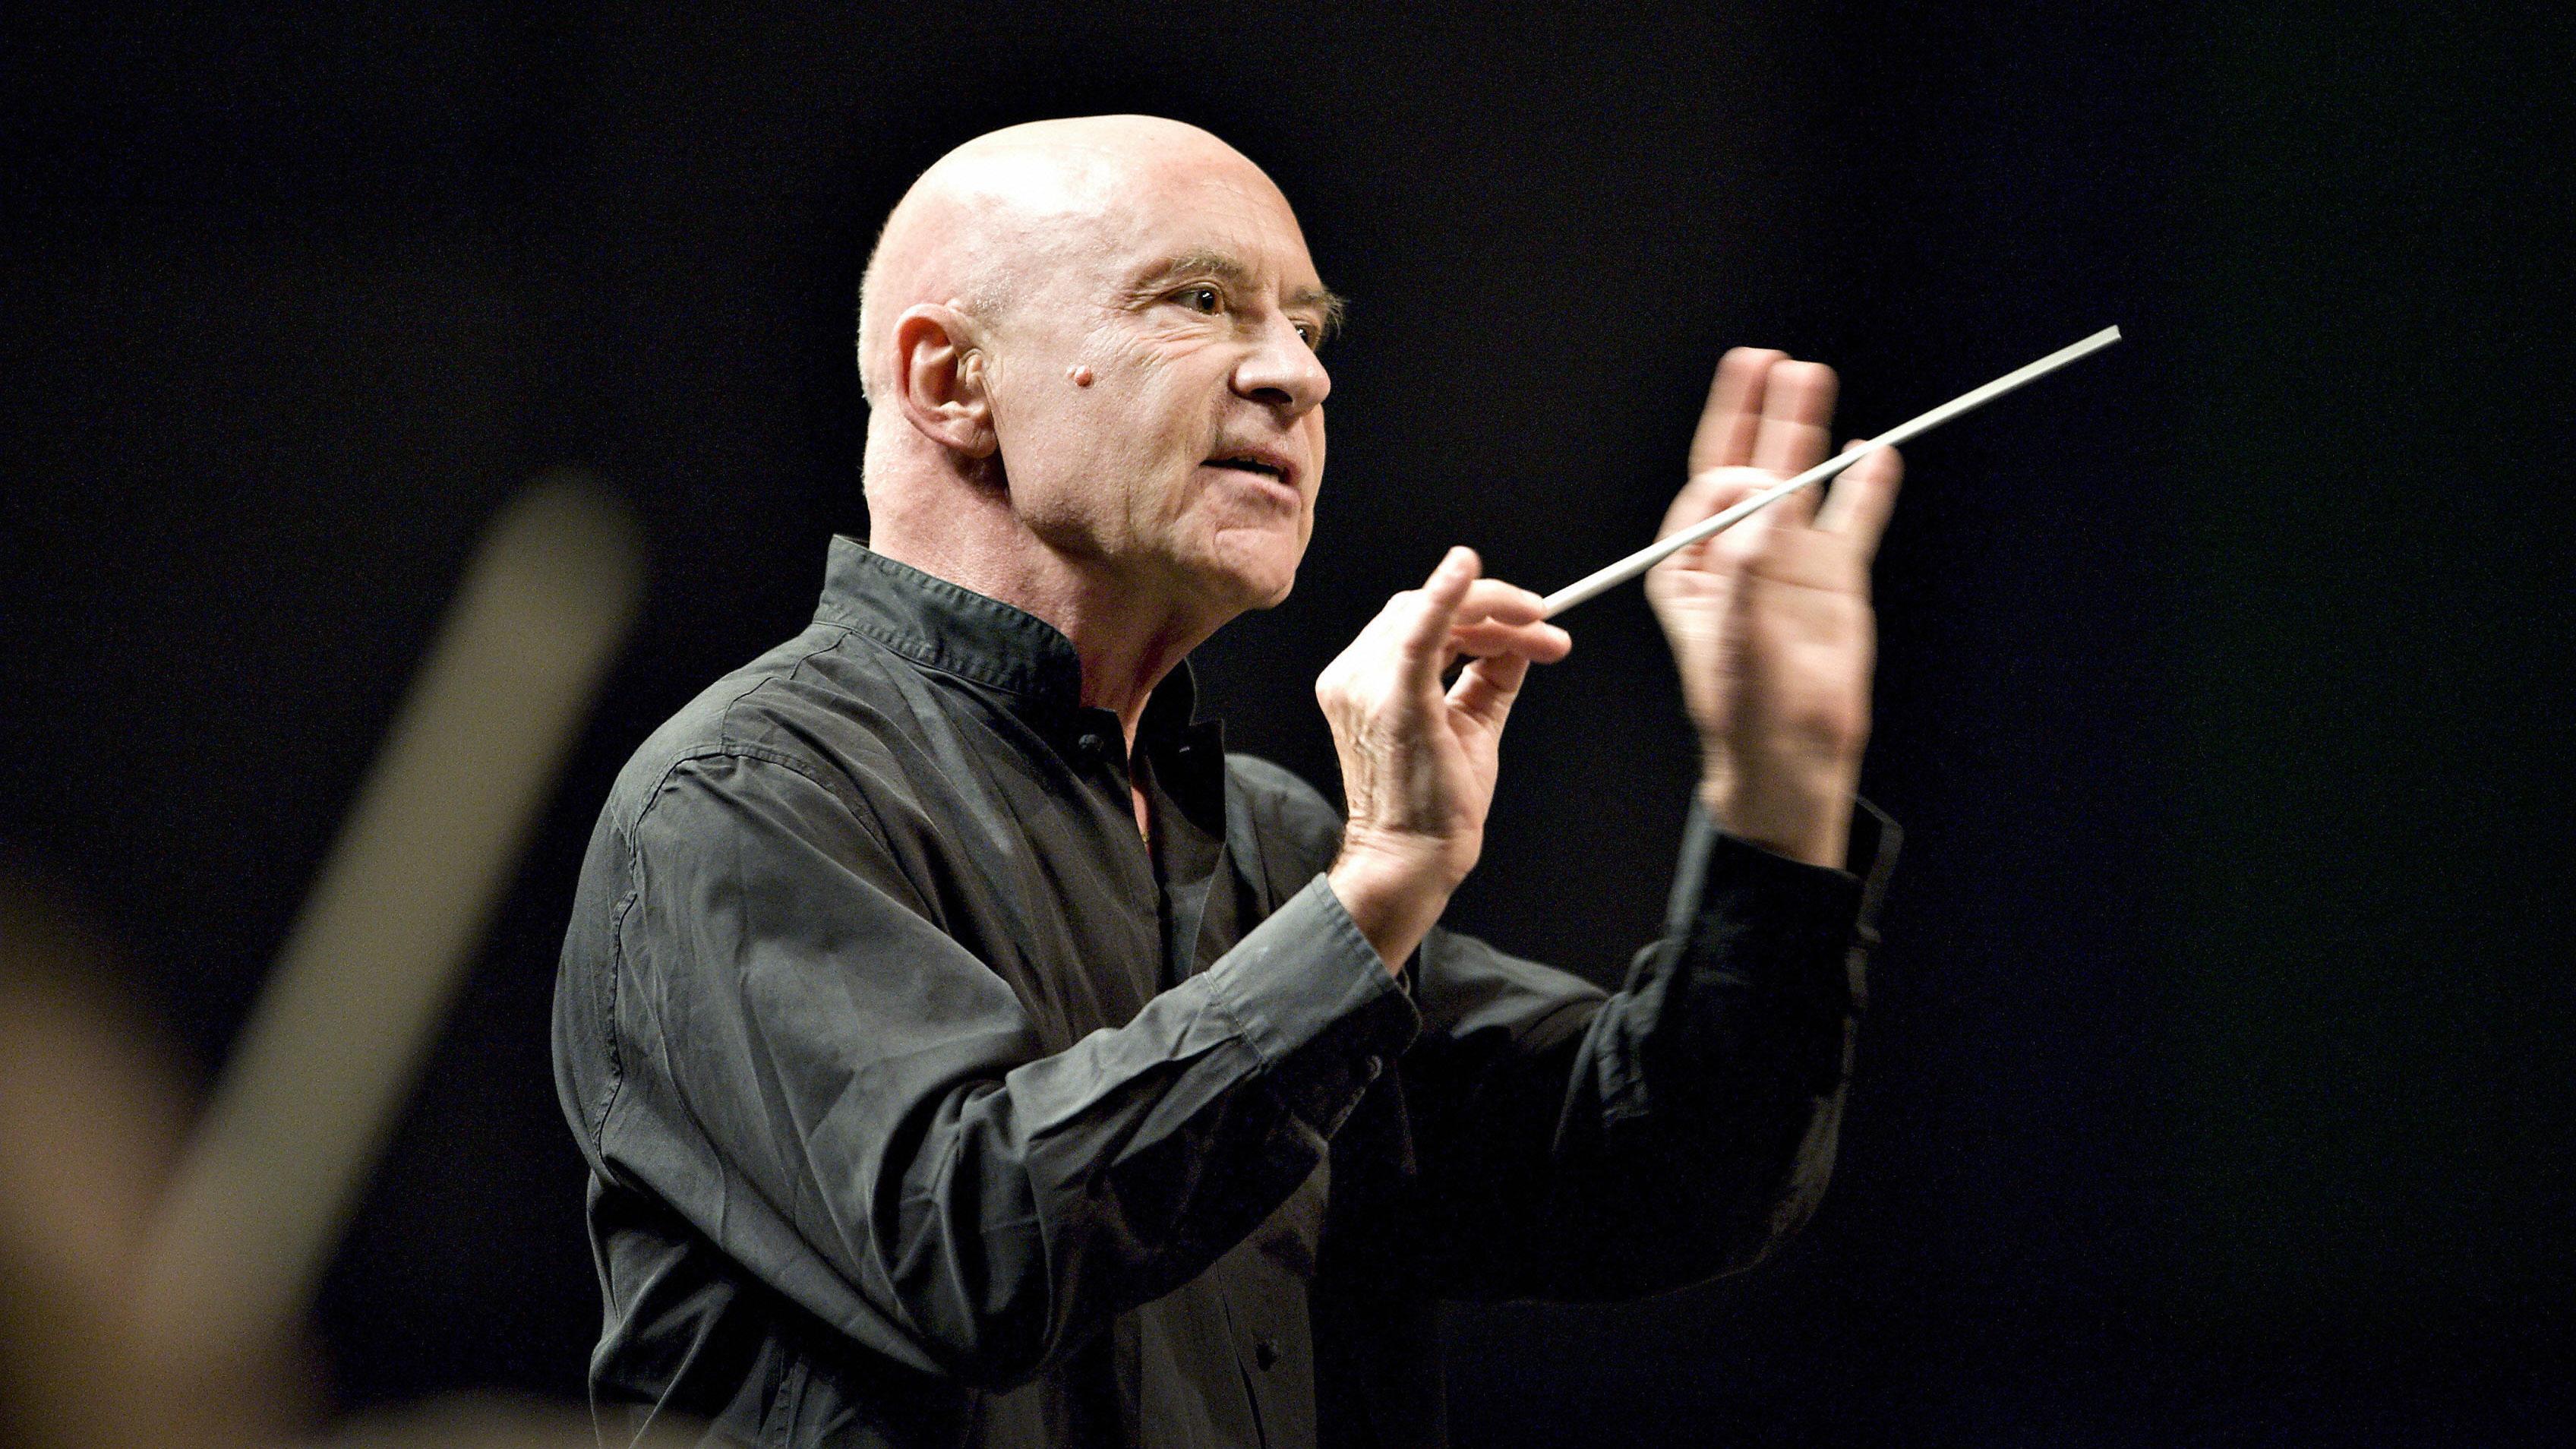 P2 Koncerten: Torsdagskoncert med Brahms og Eschenbach